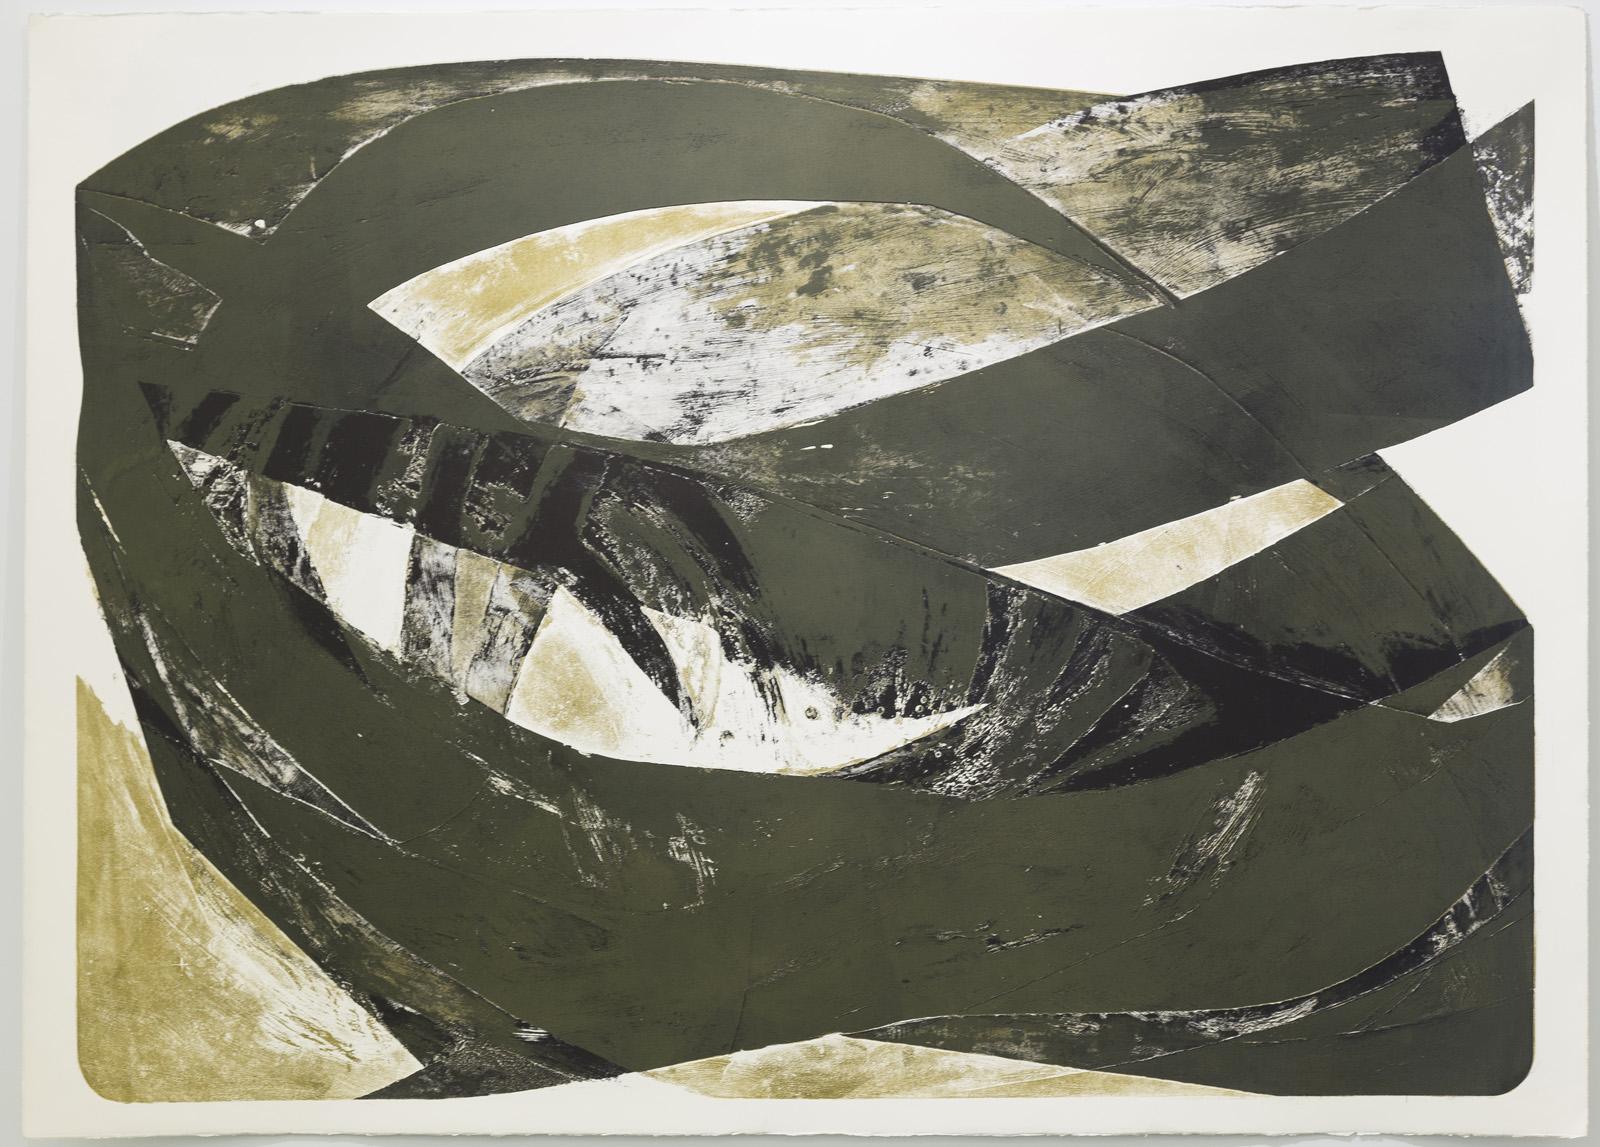 Schwarzoliv, Lithographie, 2 von 2, 131 x 181 cm, 1994